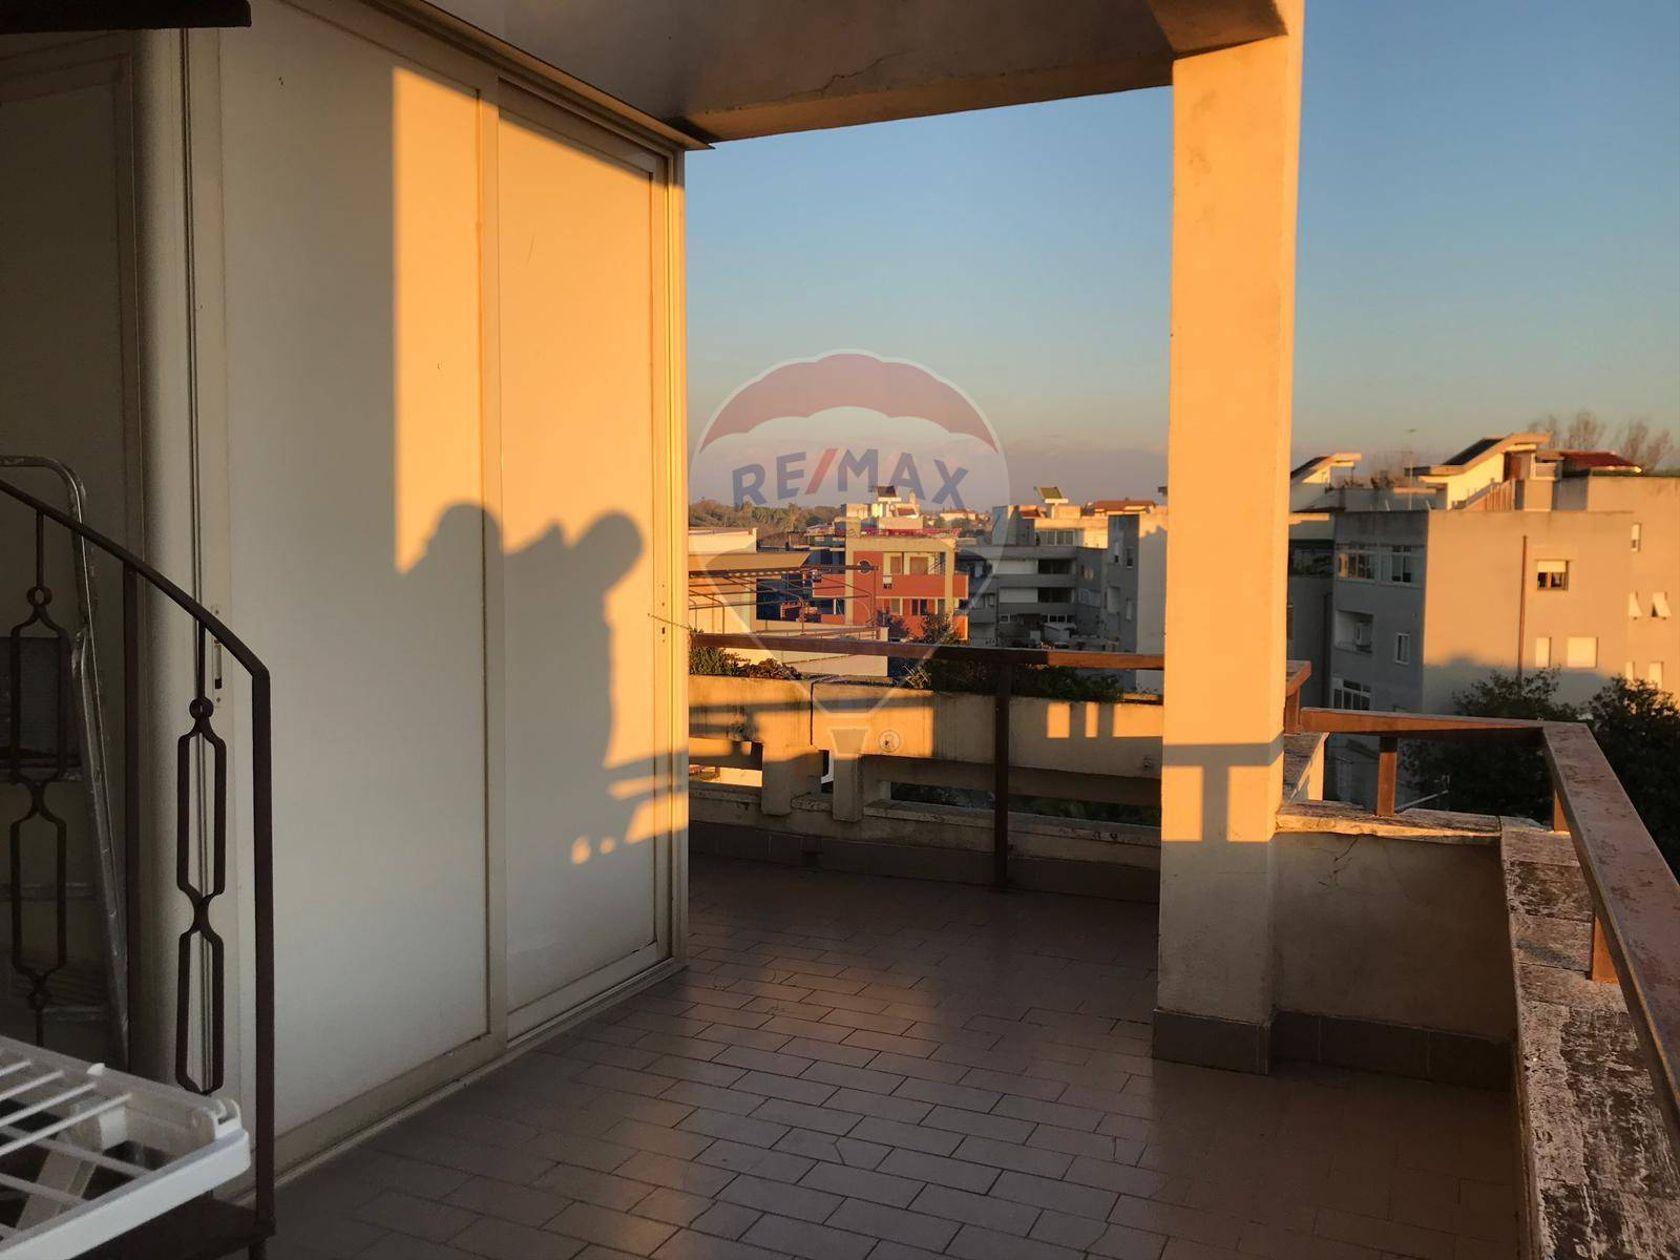 Attico/Mansarda Nettuno centro, Nettuno, RM Vendita - Foto 35